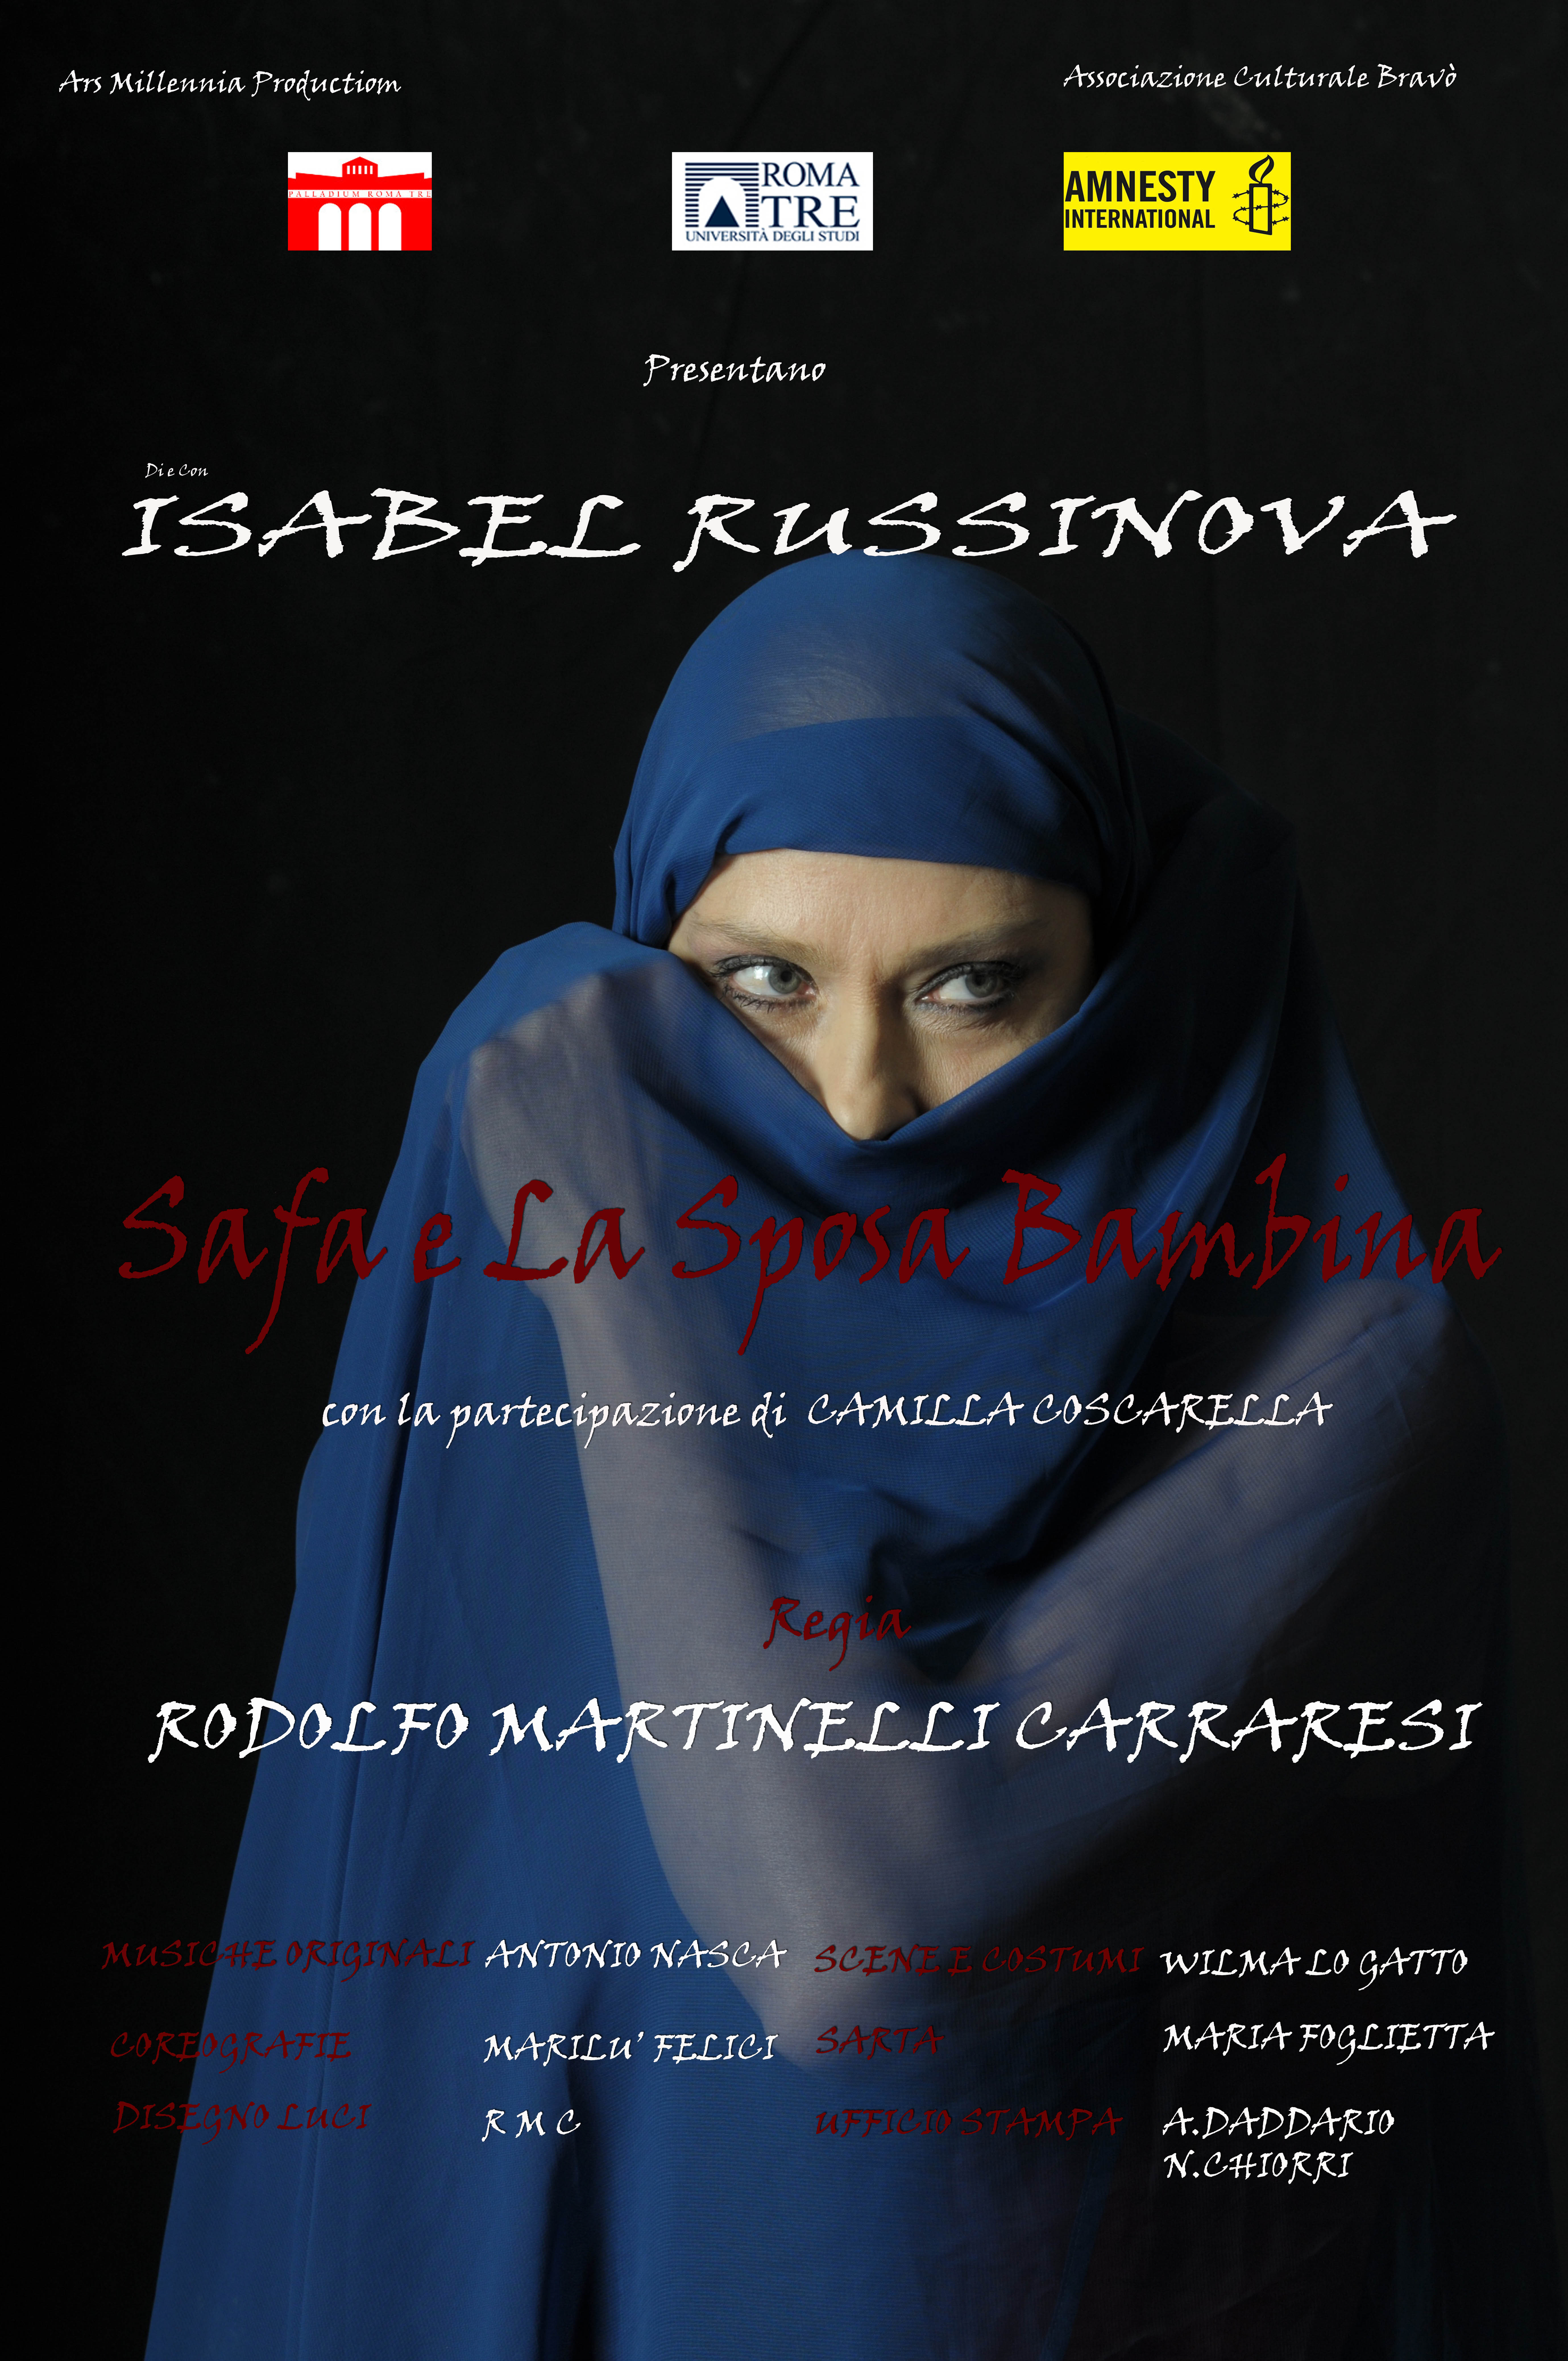 Isabel Russinova: un evento teatrale per il sociale